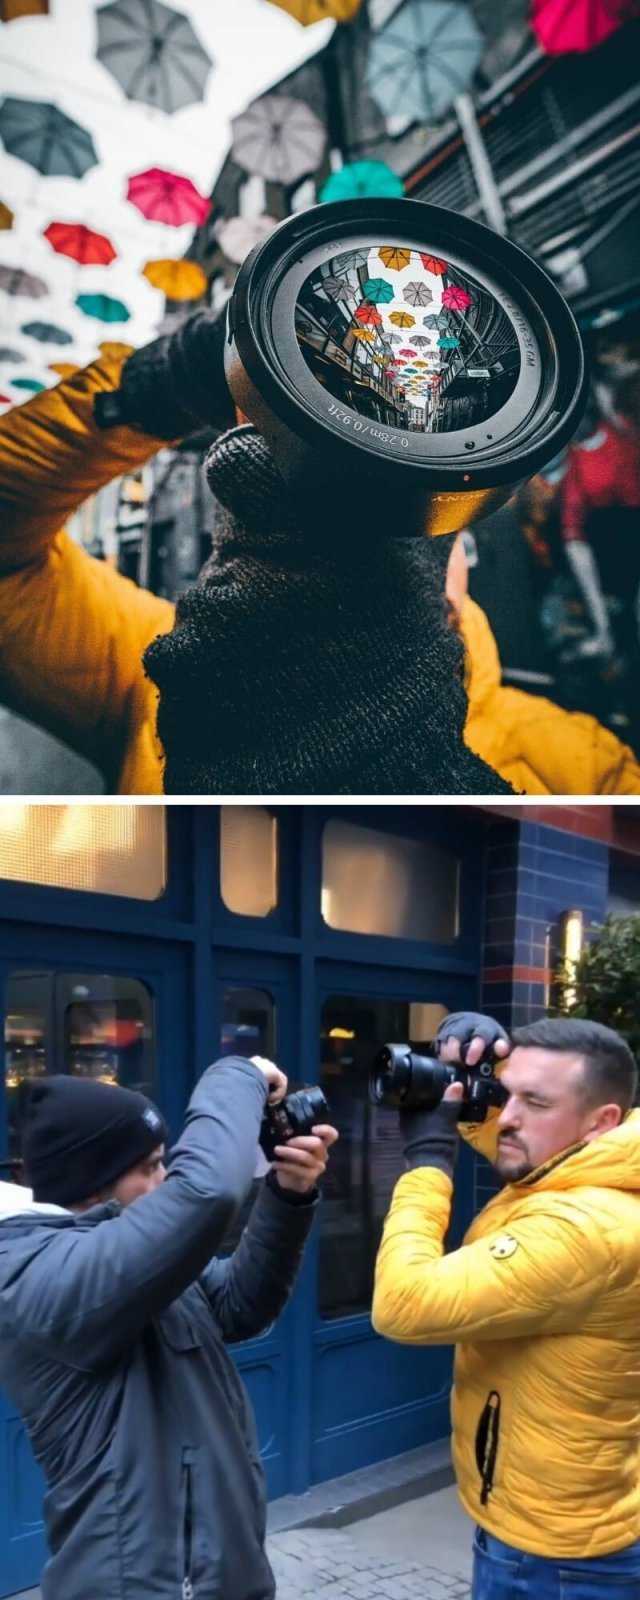 Фотограф Жорди Коалитик показал, что происходит за кадром красивых фотографий